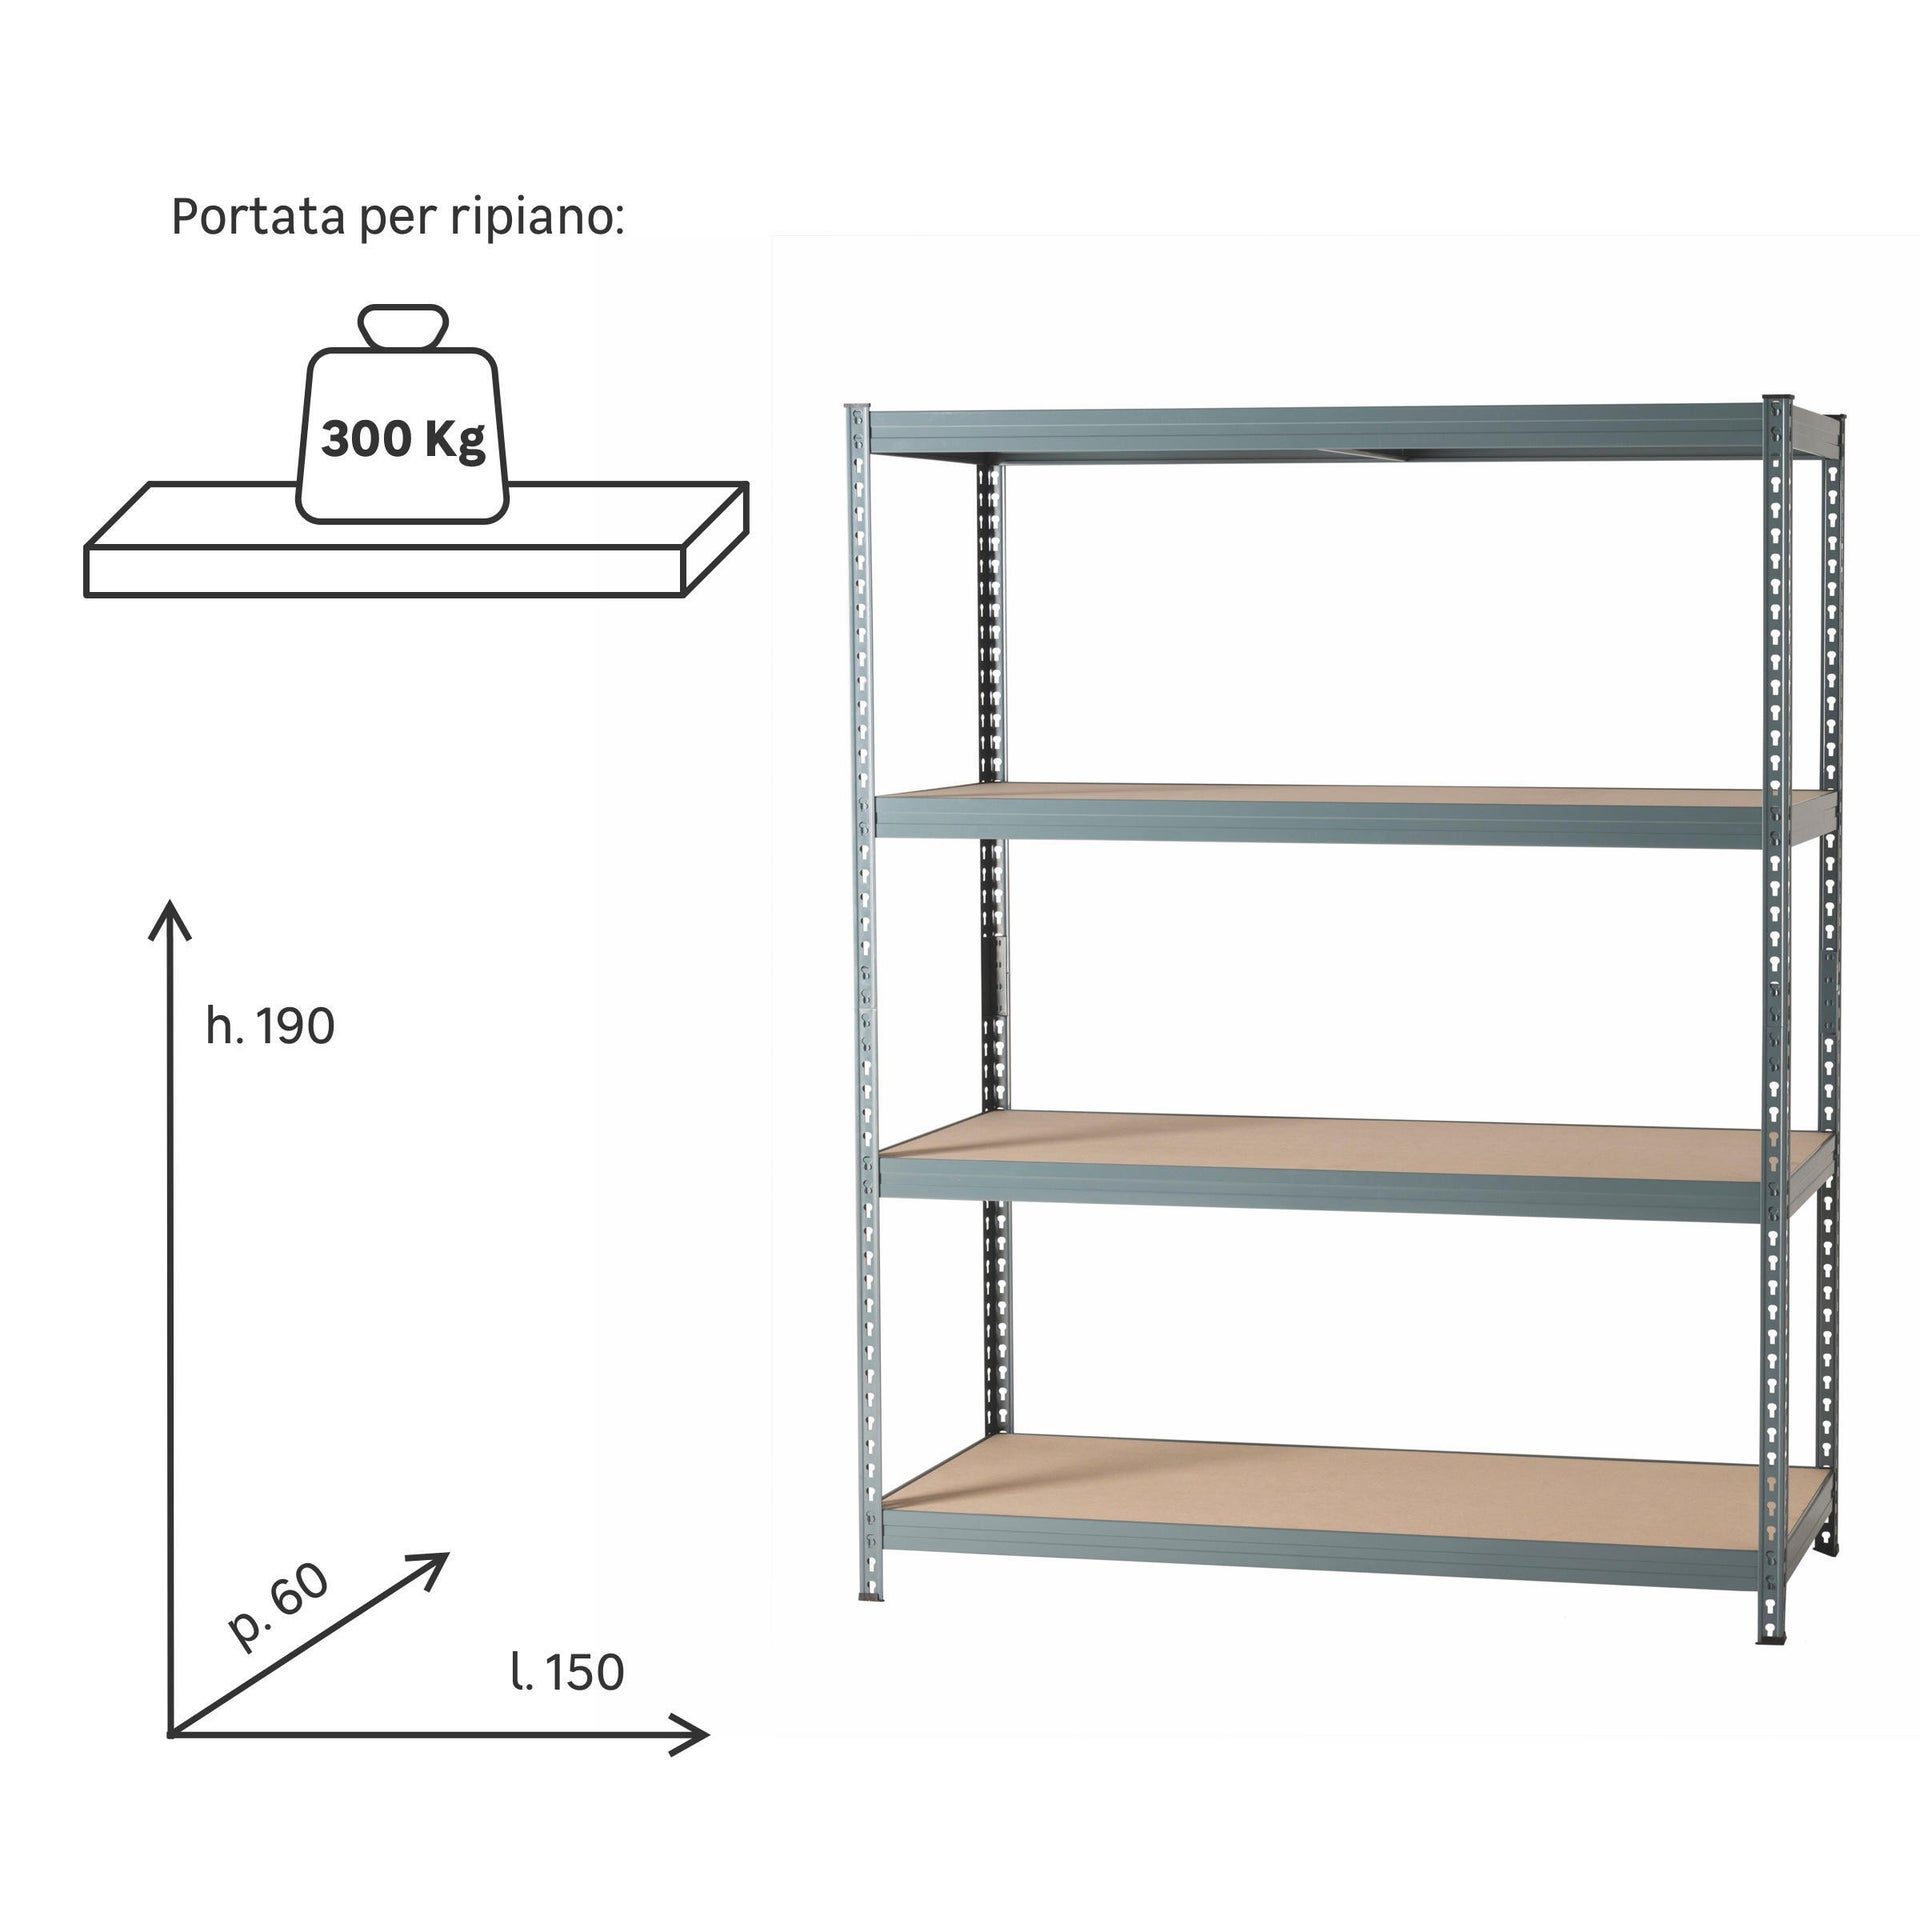 Scaffale in metallo in kit Spaceo L 150 x P 60 x H 190 cm grigio antracite - 8